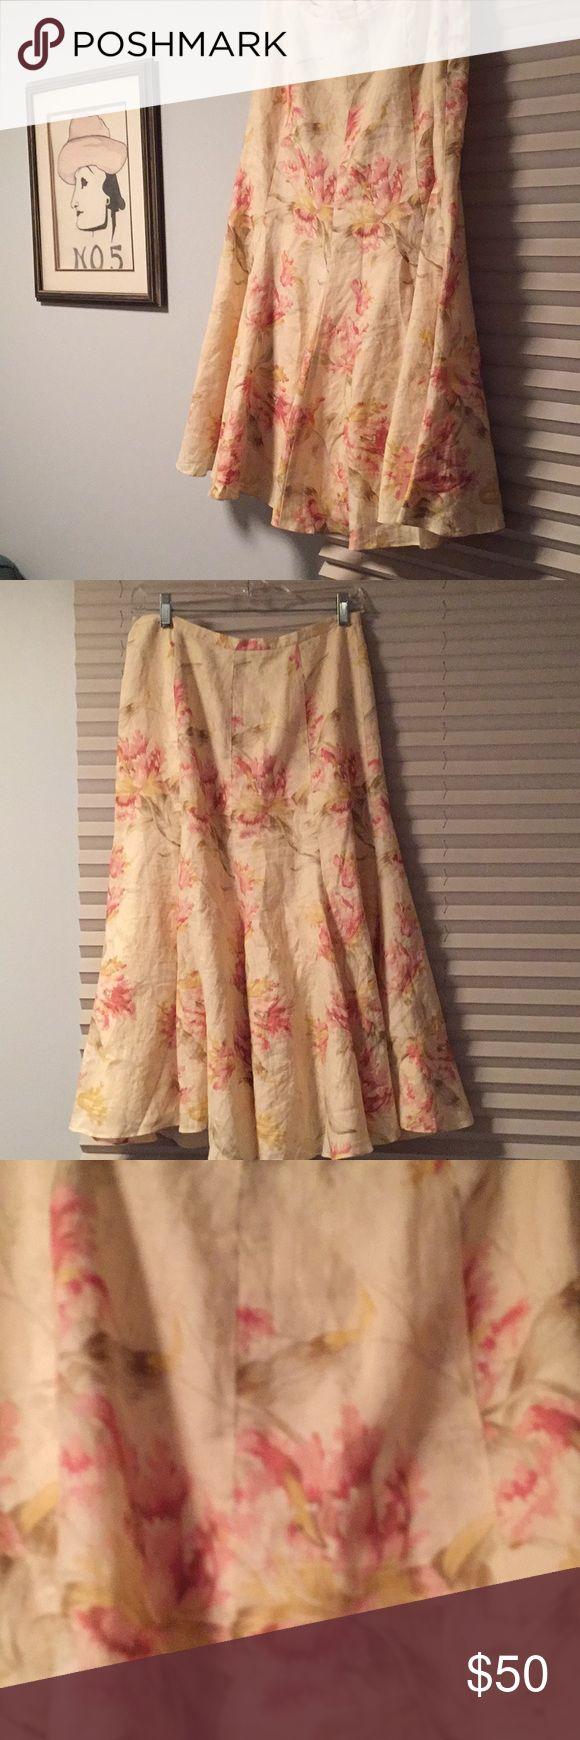 Ralph Lauren linen skirt EUC beautiful linen skirt, hits midi length, I'm 5'5.  Green label Ralph Lauren. Ralph Lauren Skirts Midi